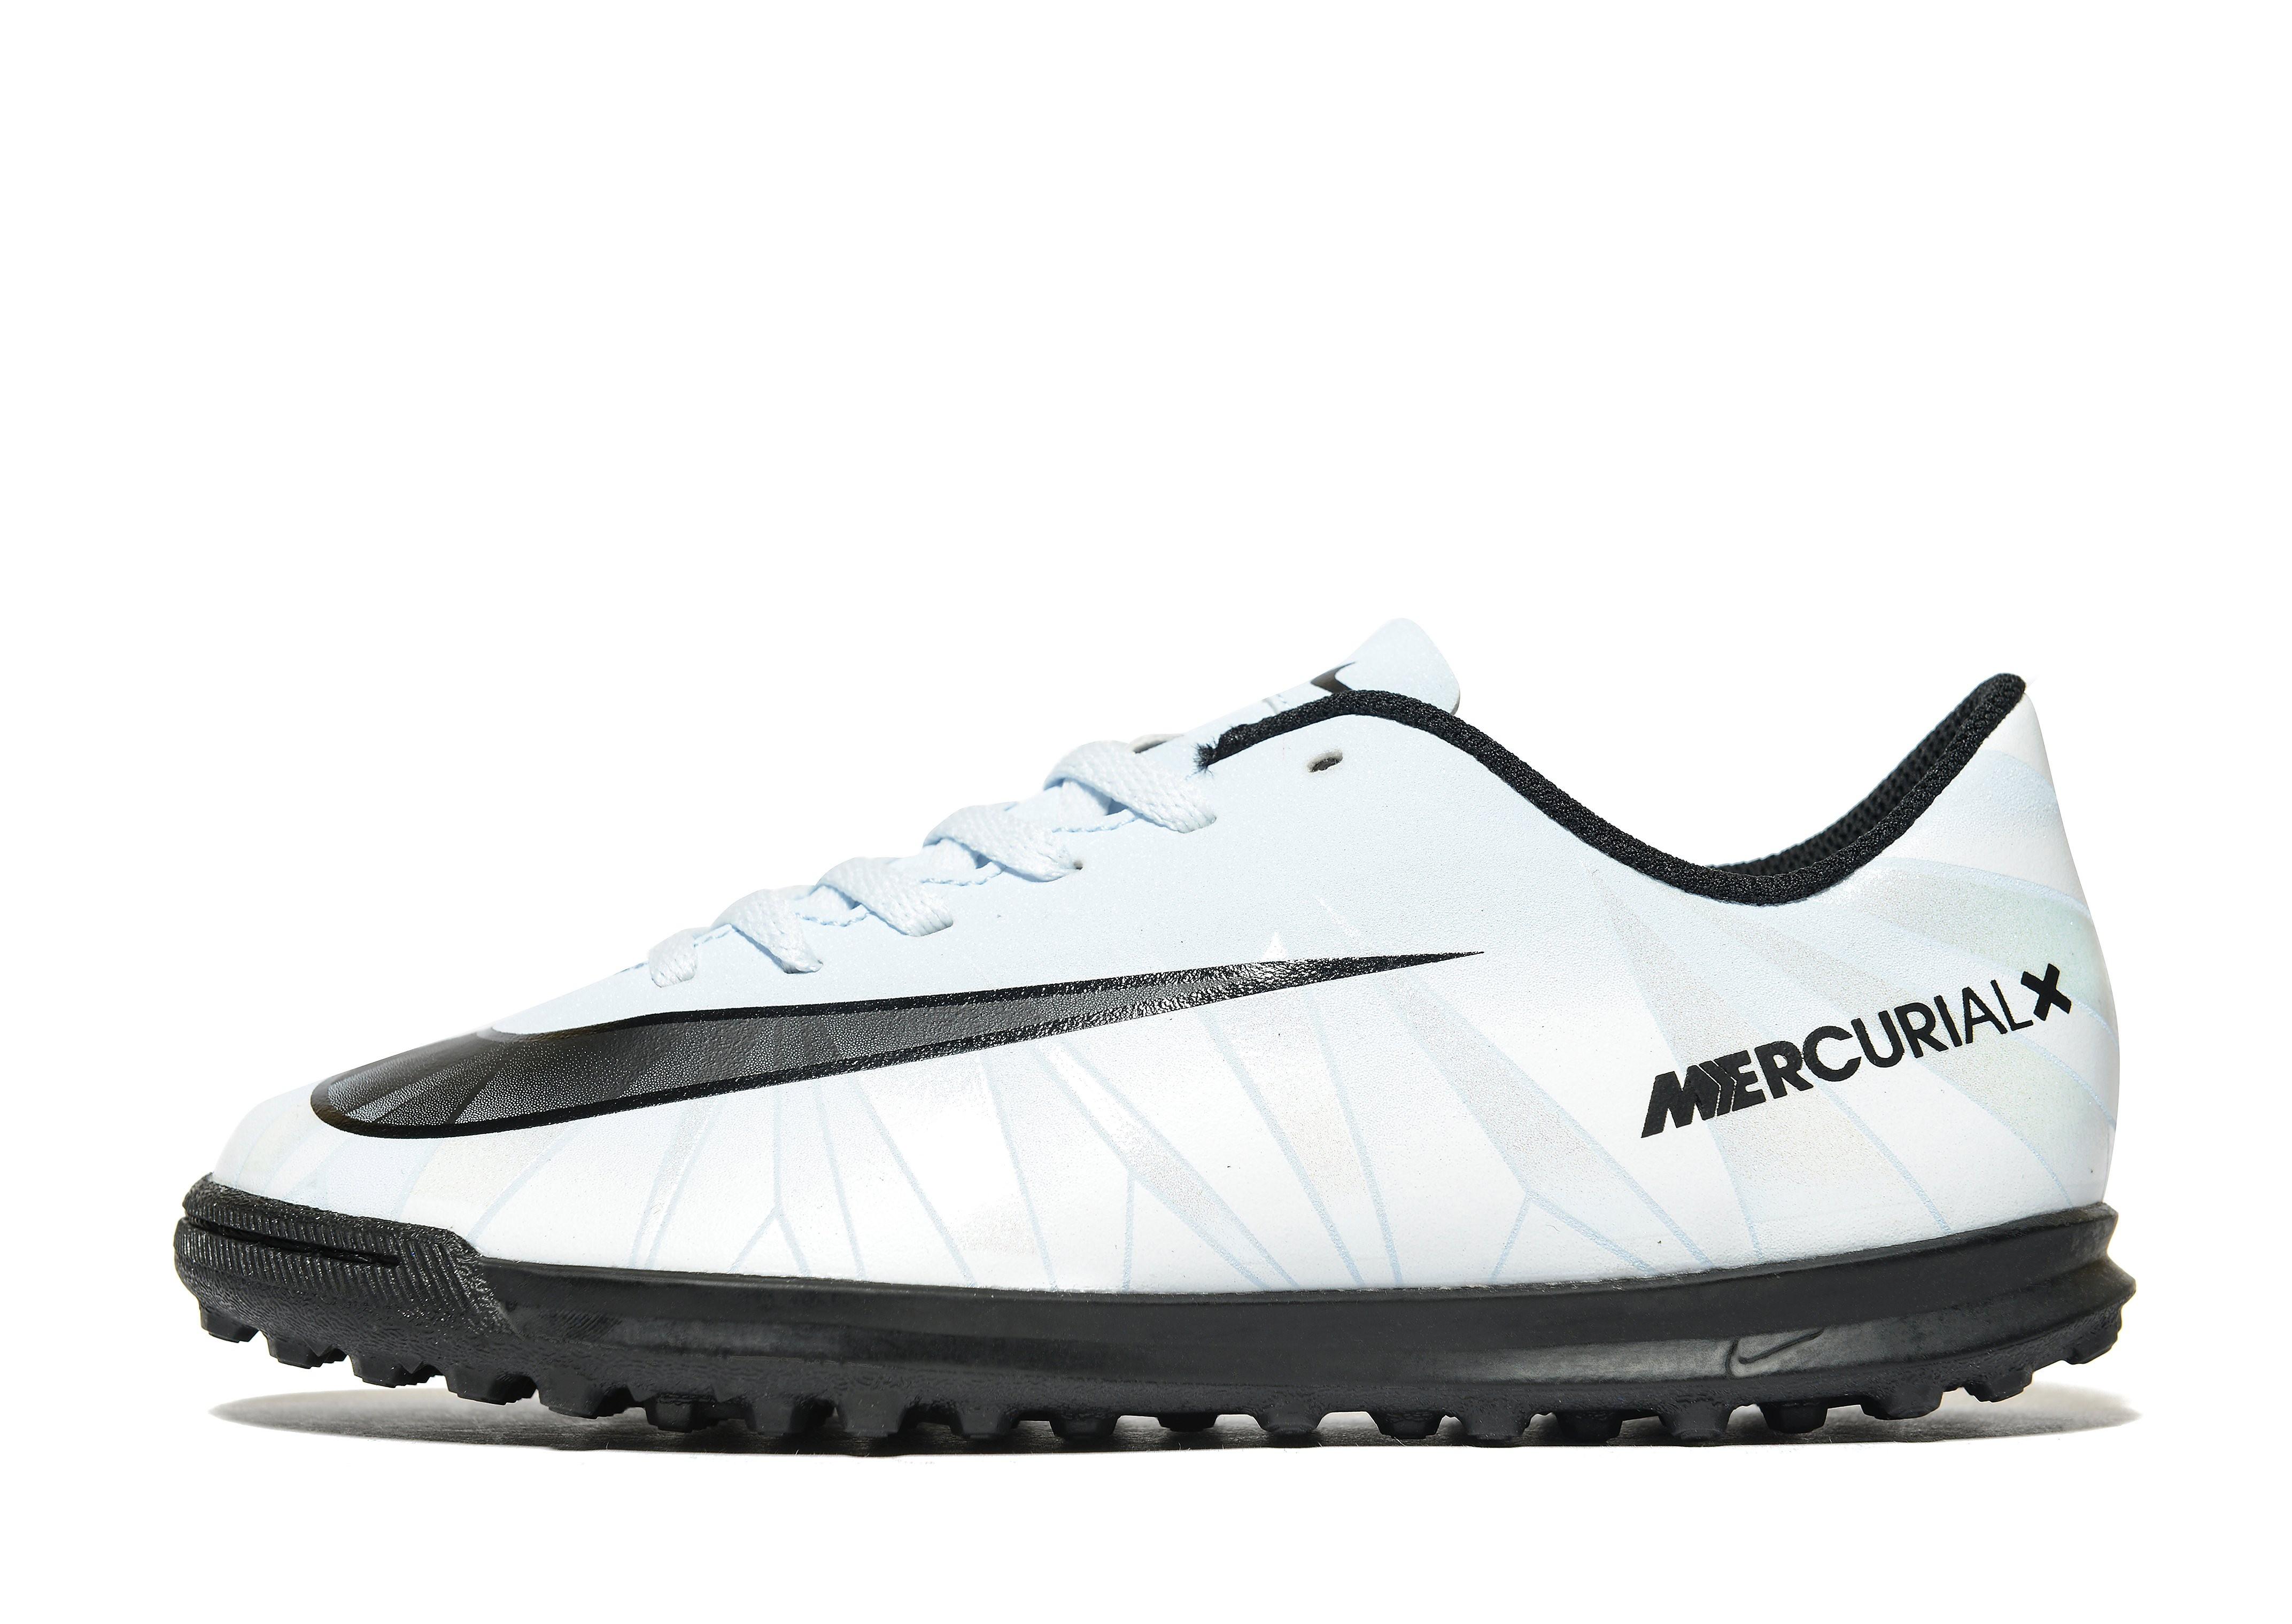 Nike Mercurial Vortex TF CR7 Enfant